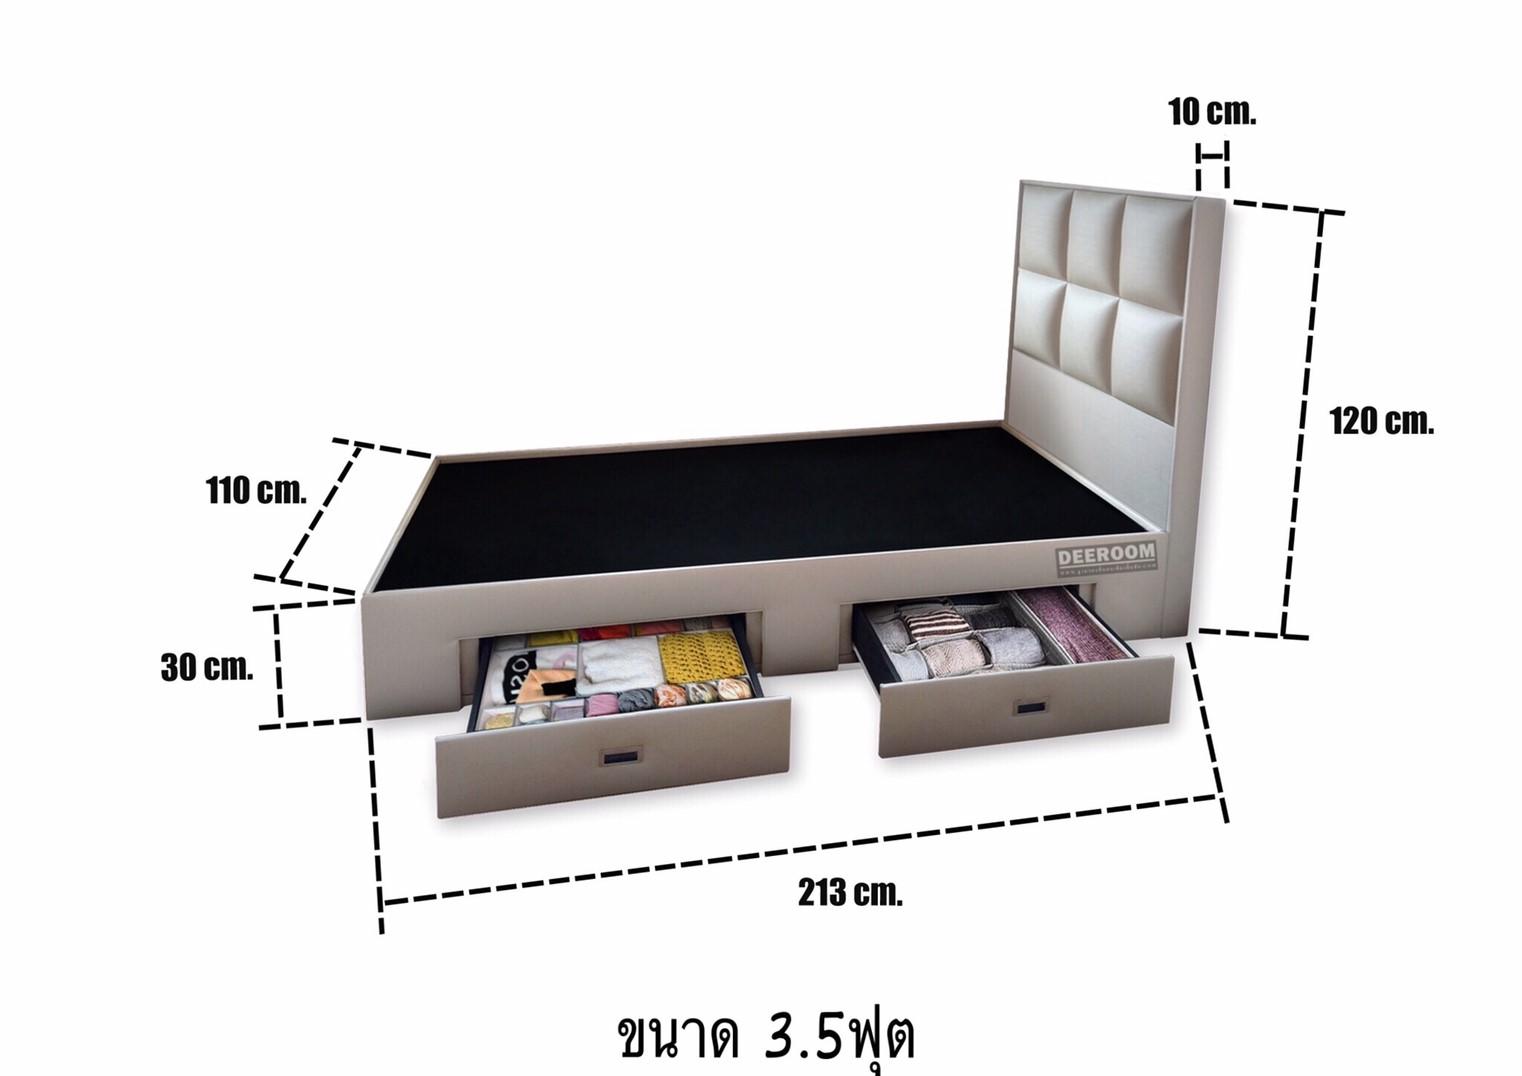 ขนาดฐานรองที่นอนพร้อมหัวเตียง รุ่นMosaic design ขนาด 3.5 ฟุต